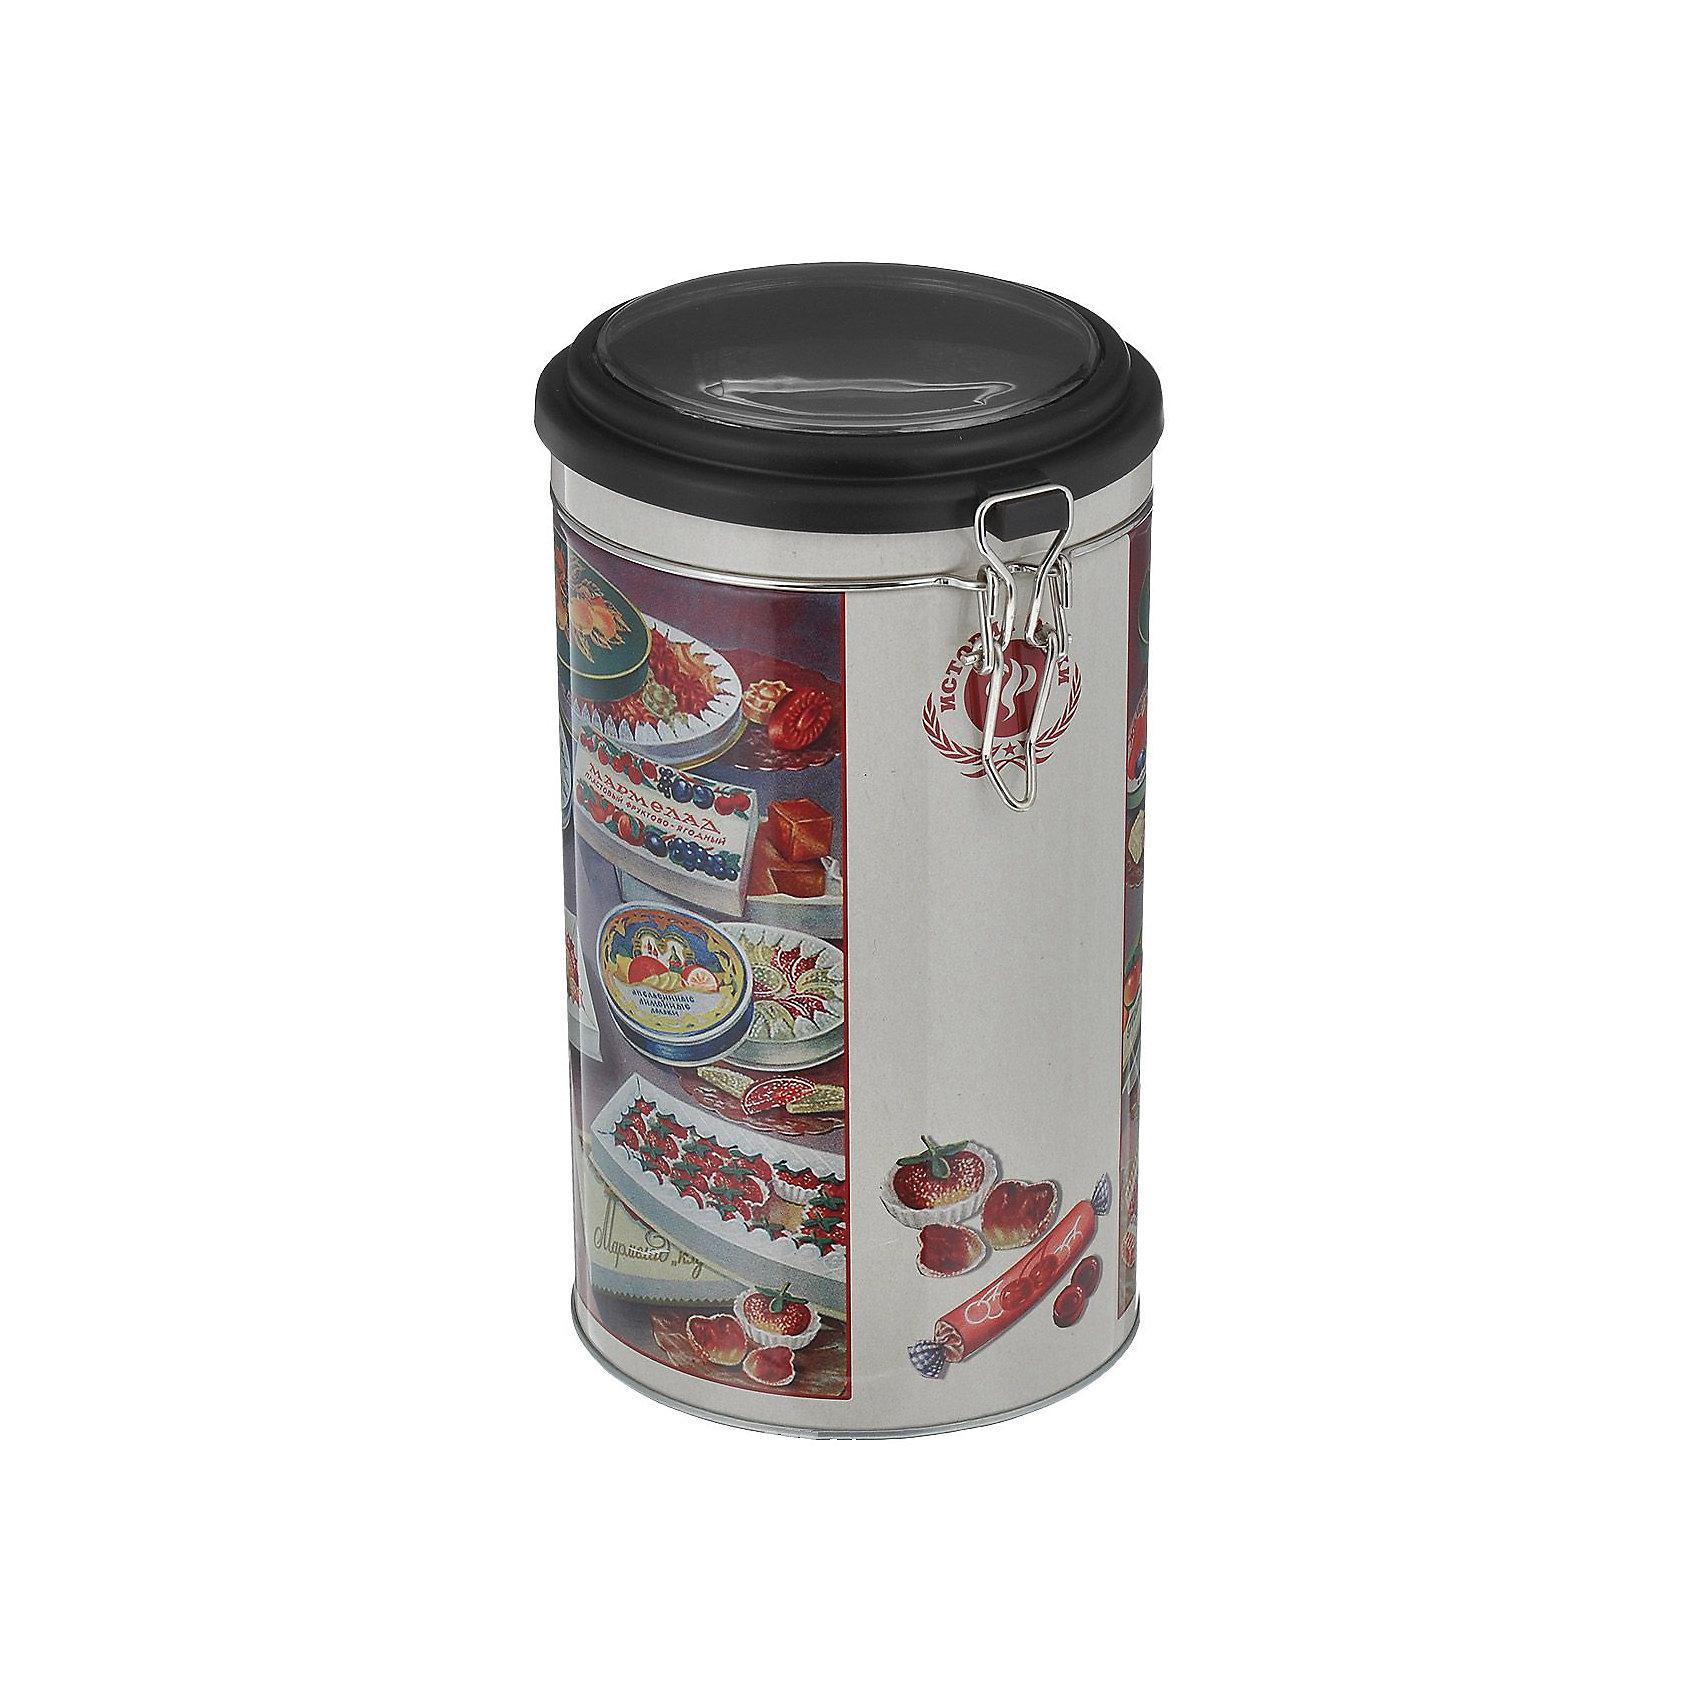 Феникс-Презент Емкость для сыпучих продуктов Мармелад 1800мл